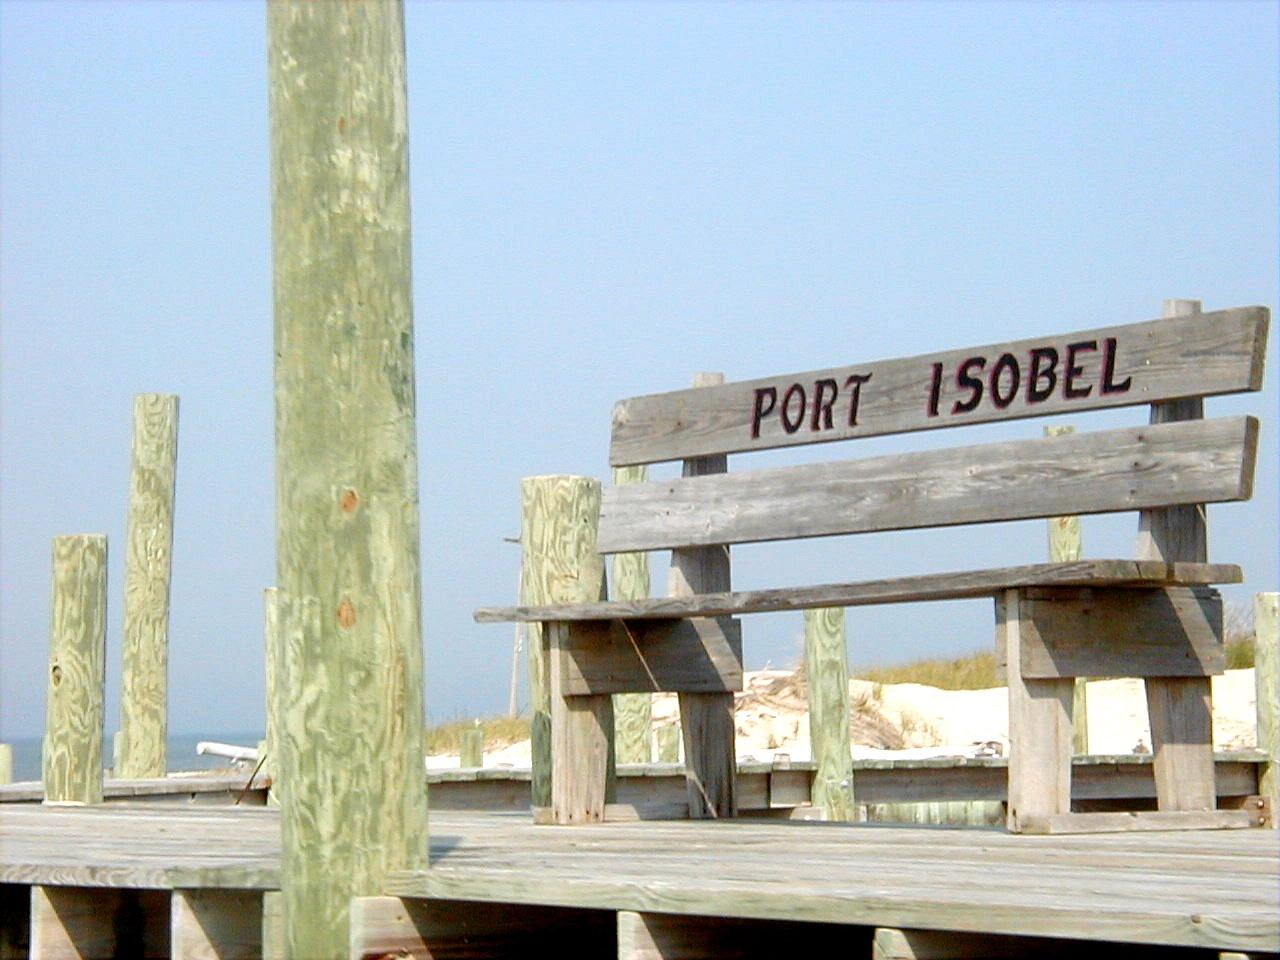 Port Isobel